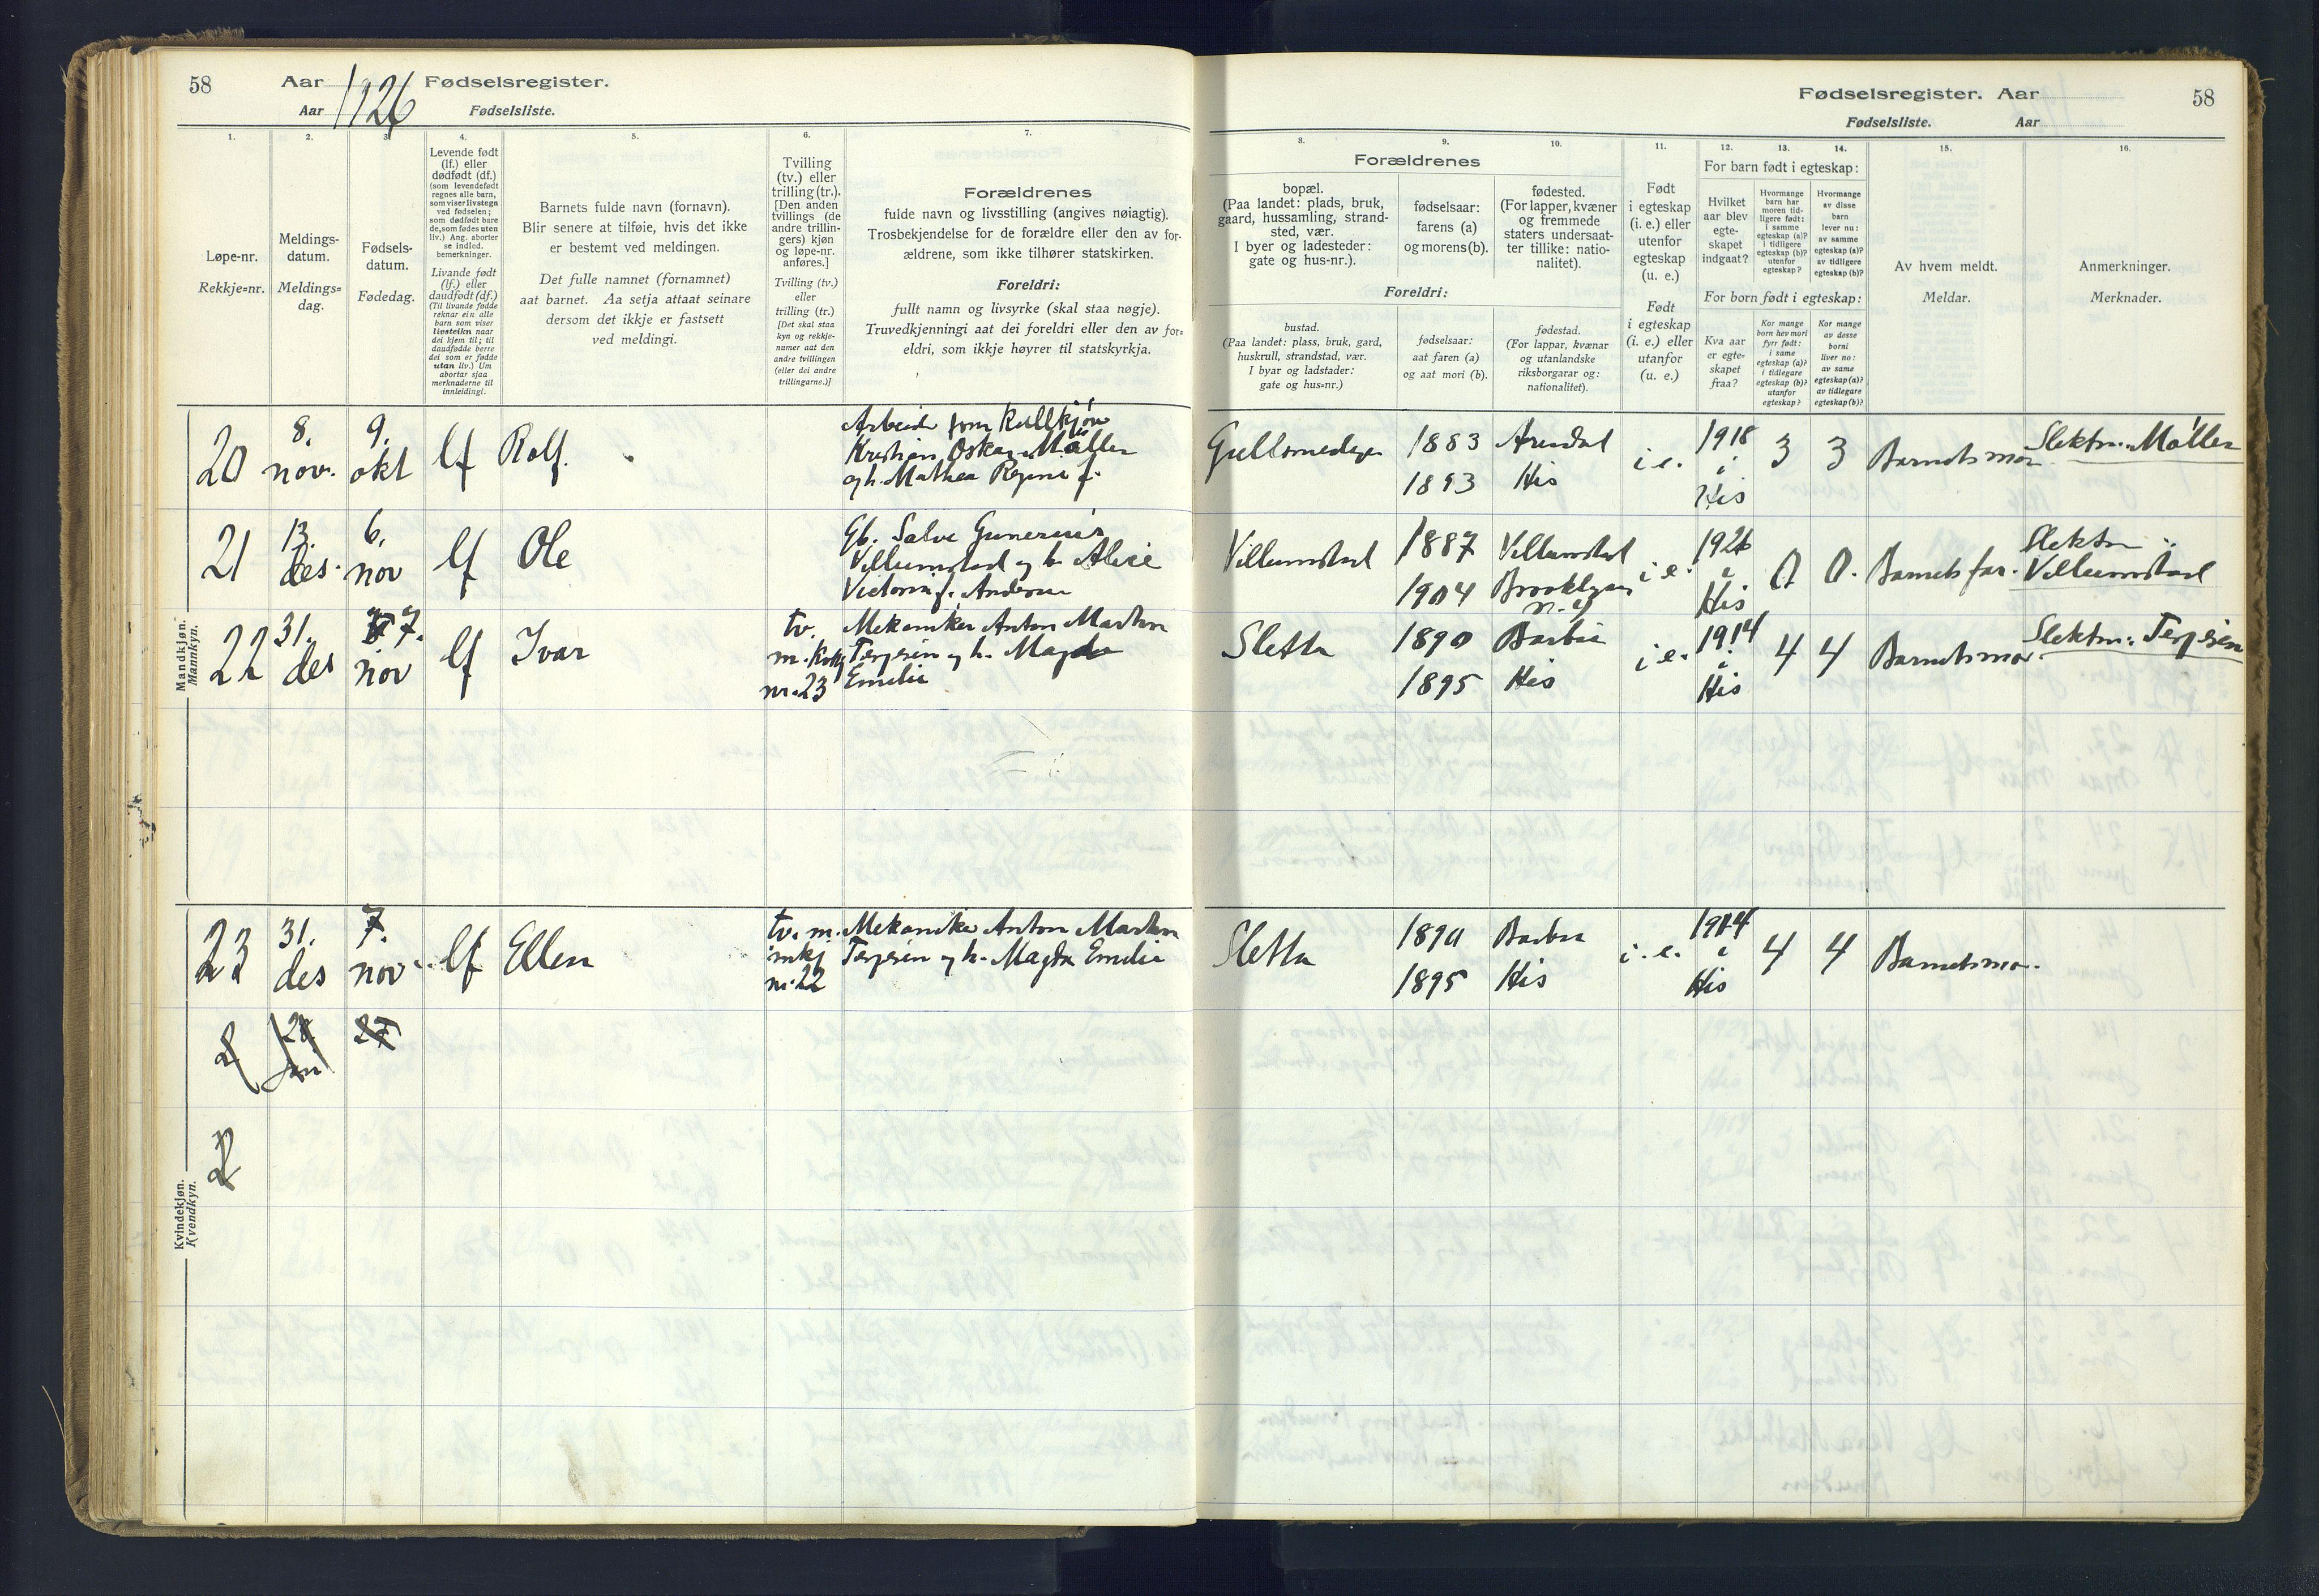 SAK, Hisøy sokneprestkontor, J/Ja/L0001: Fødselsregister nr. A-VI-14, 1916-1951, s. 58